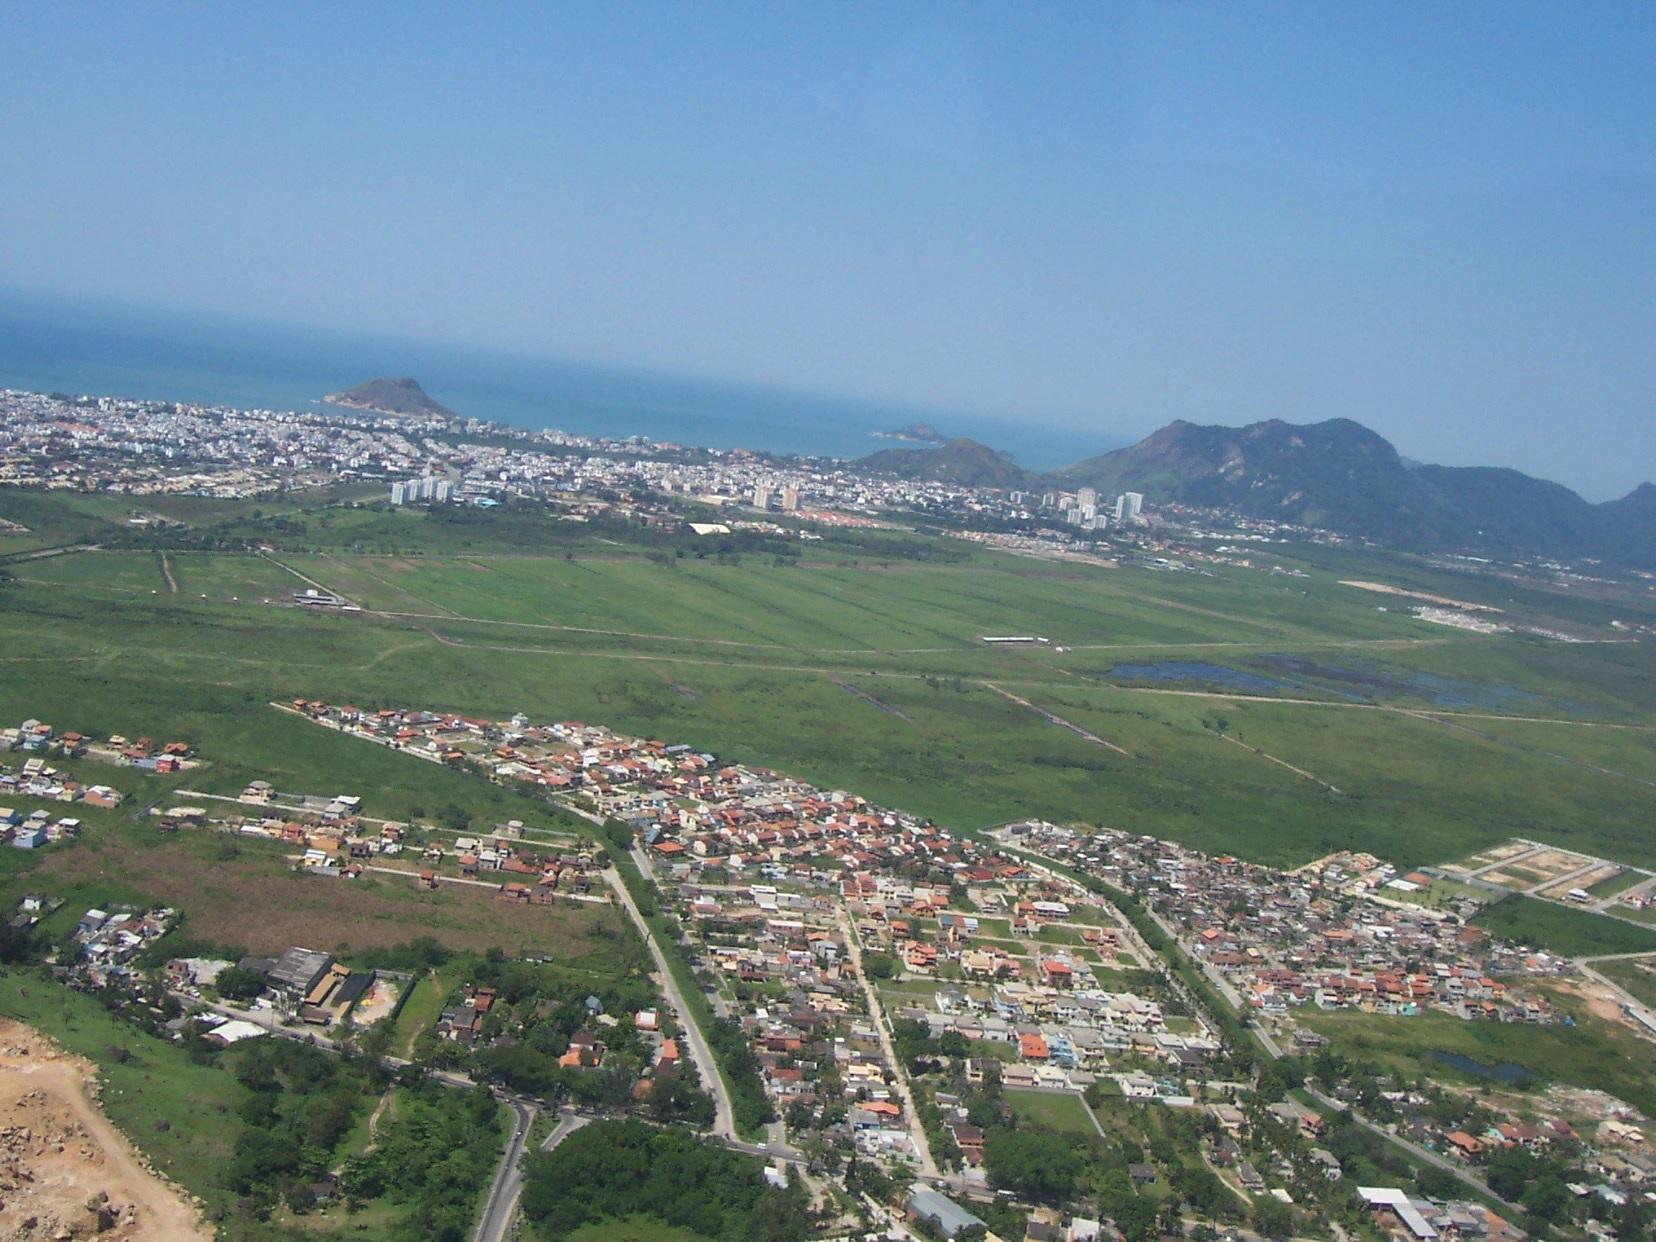 Vista área da região de Vargem Grande e Vargem Pequena. Foto Divulgação/Canagé Vilhena